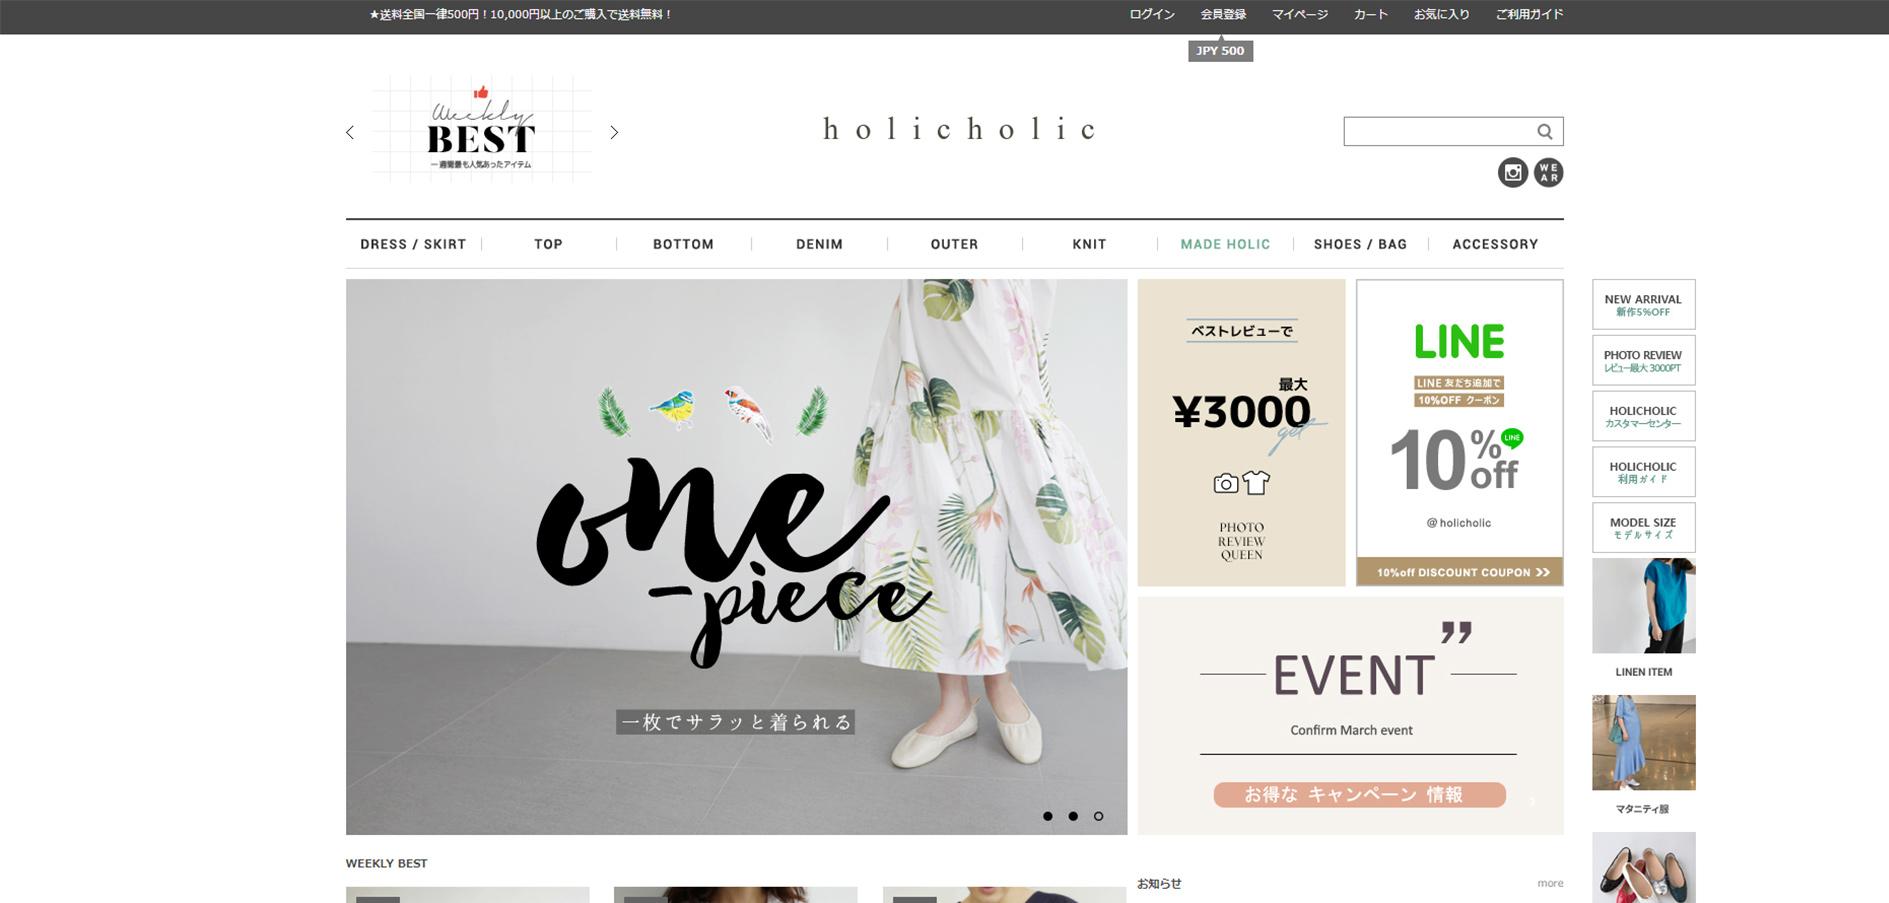 30代におすすめな韓国ファッション通販サイトのHOLIC HOLIC(ホリックホリック)